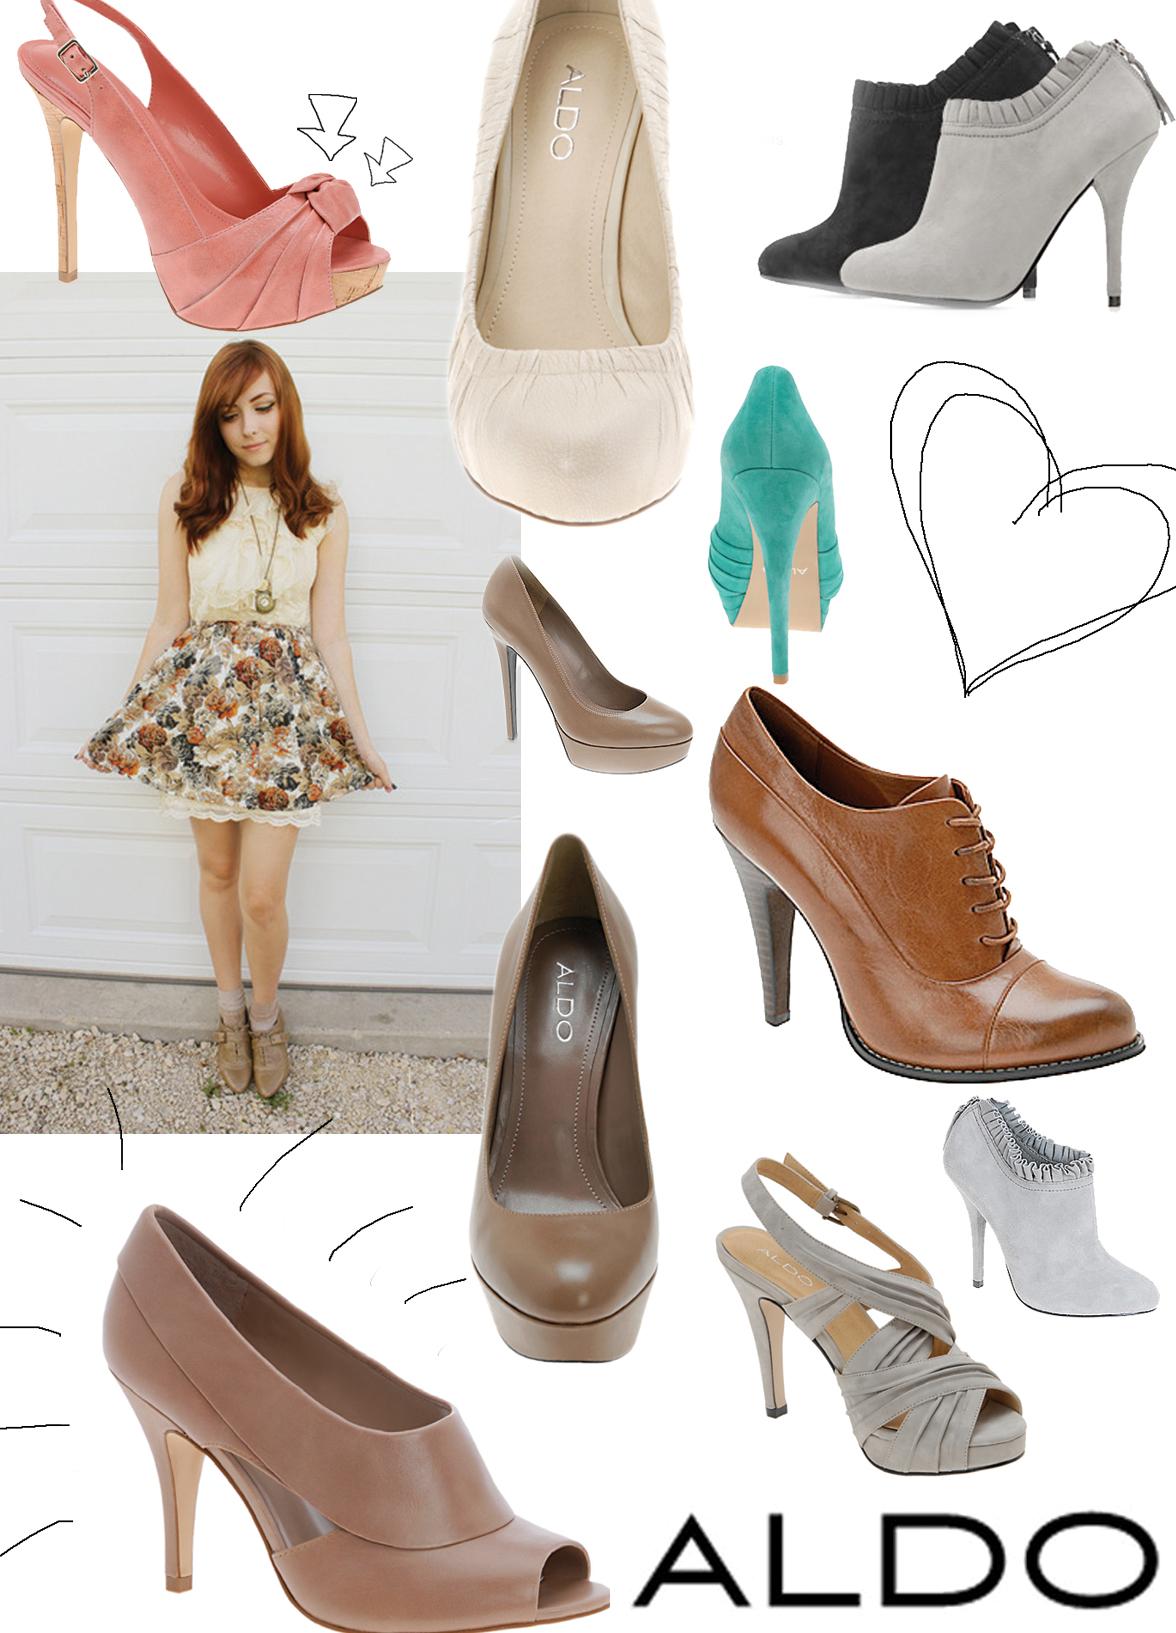 Les chaussures ALDO